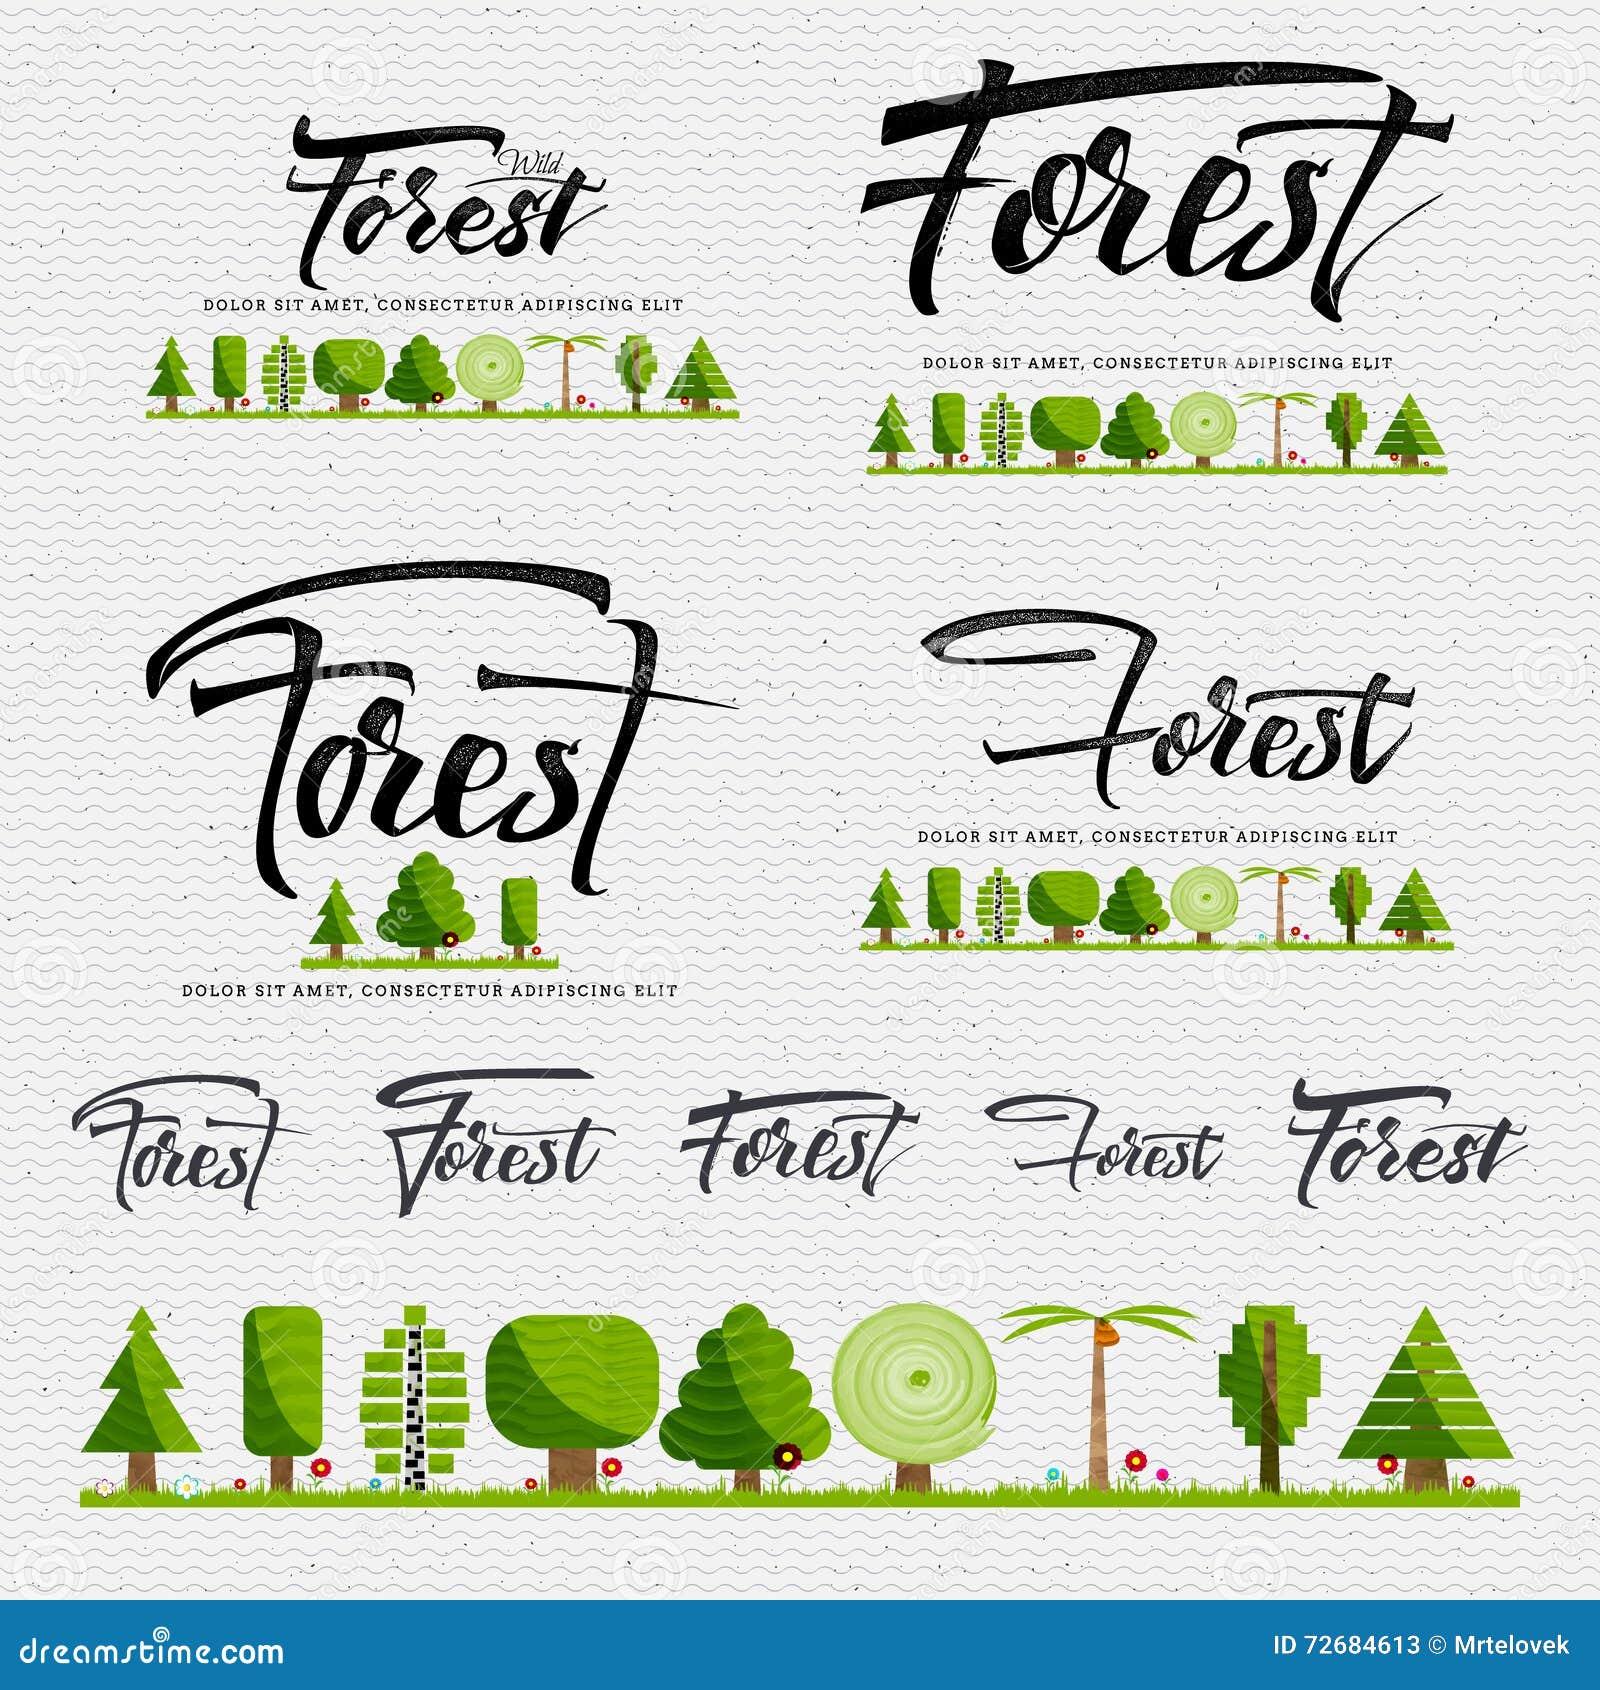 森林-徽章,贴纸可以用于设计网站,衣裳,做广告